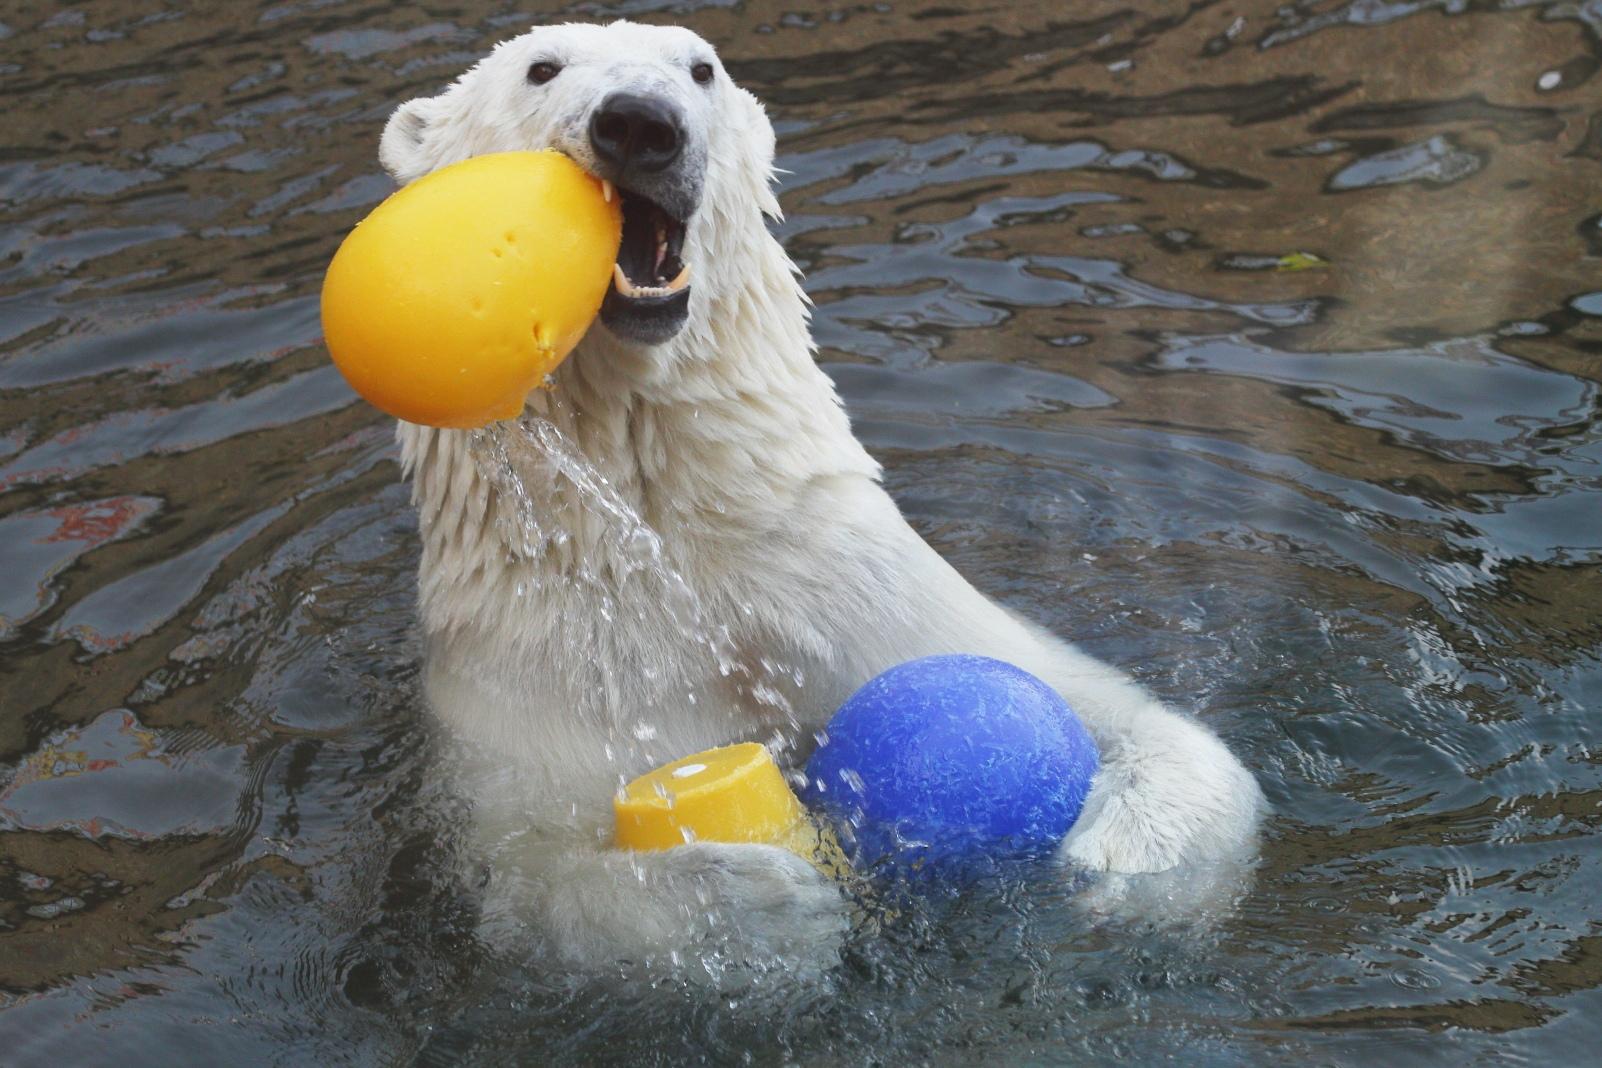 Фото: пресс-служба Ленинградского зоопарка